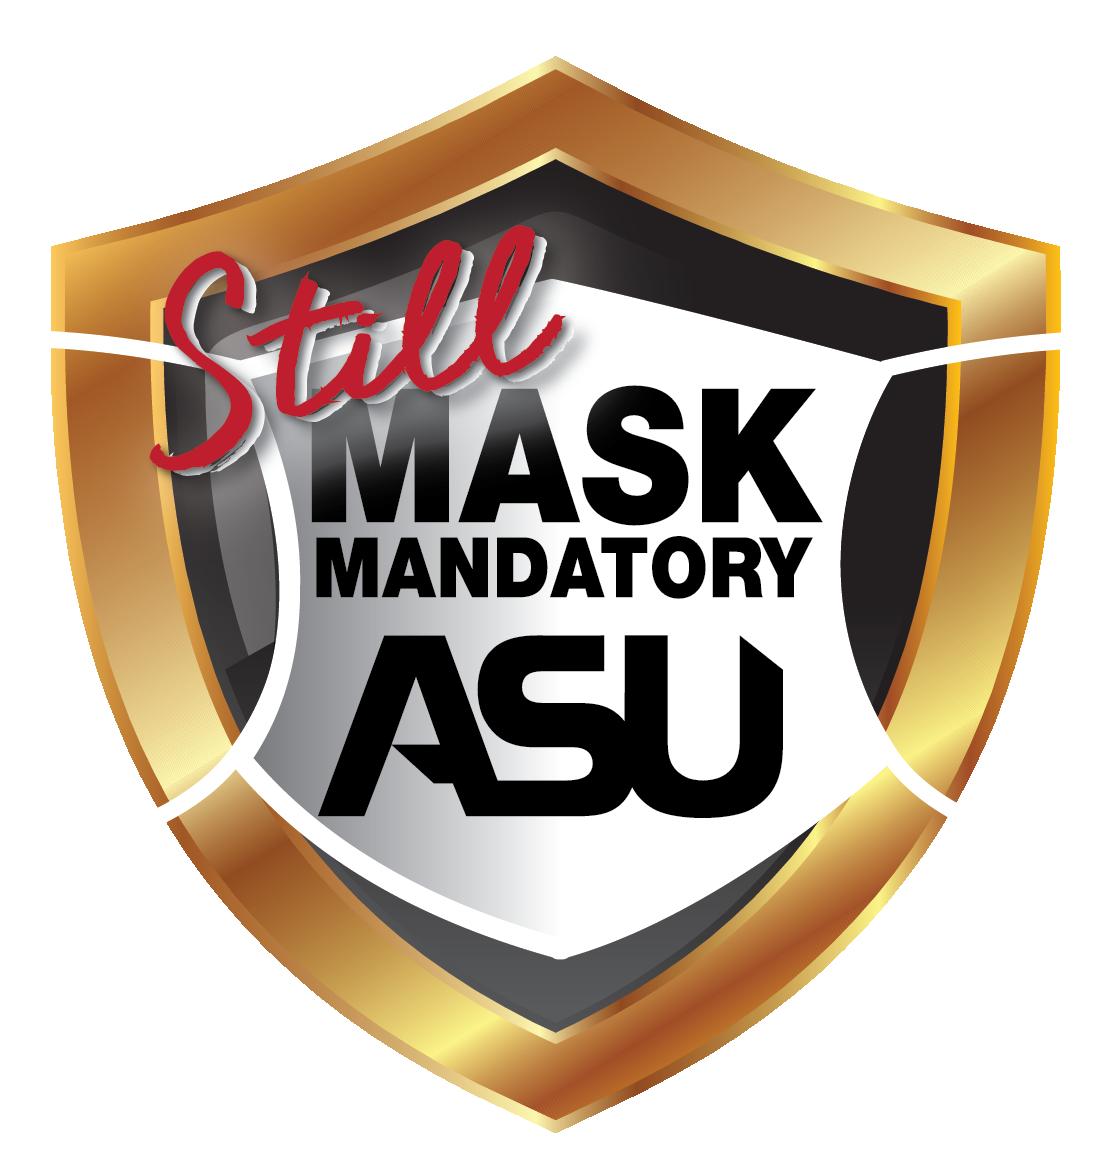 https://www.alasu.edu/sites/default/files/revslider/image/mask_mandatory_still-02.png